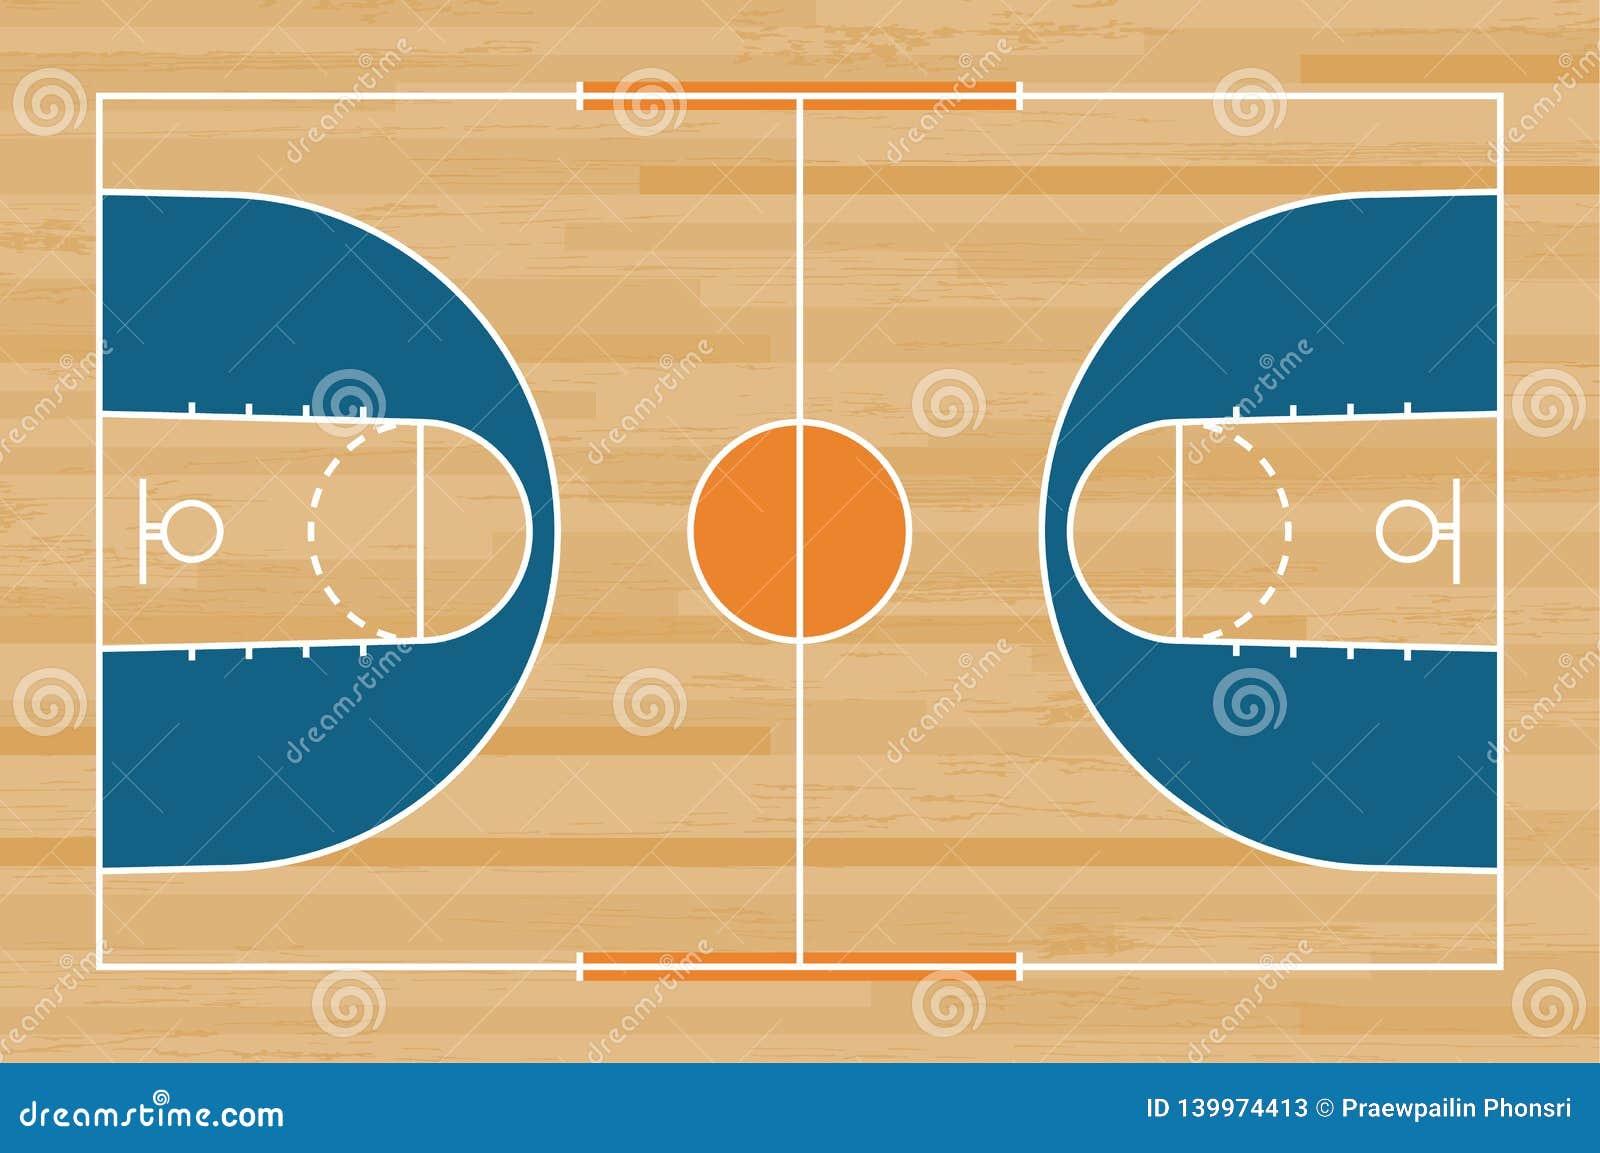 Πάτωμα γήπεδο μπάσκετ με τη γραμμή στο ξύλινο υπόβαθρο σύστασης σχεδίων Τομέας καλαθοσφαίρισης διάνυσμα